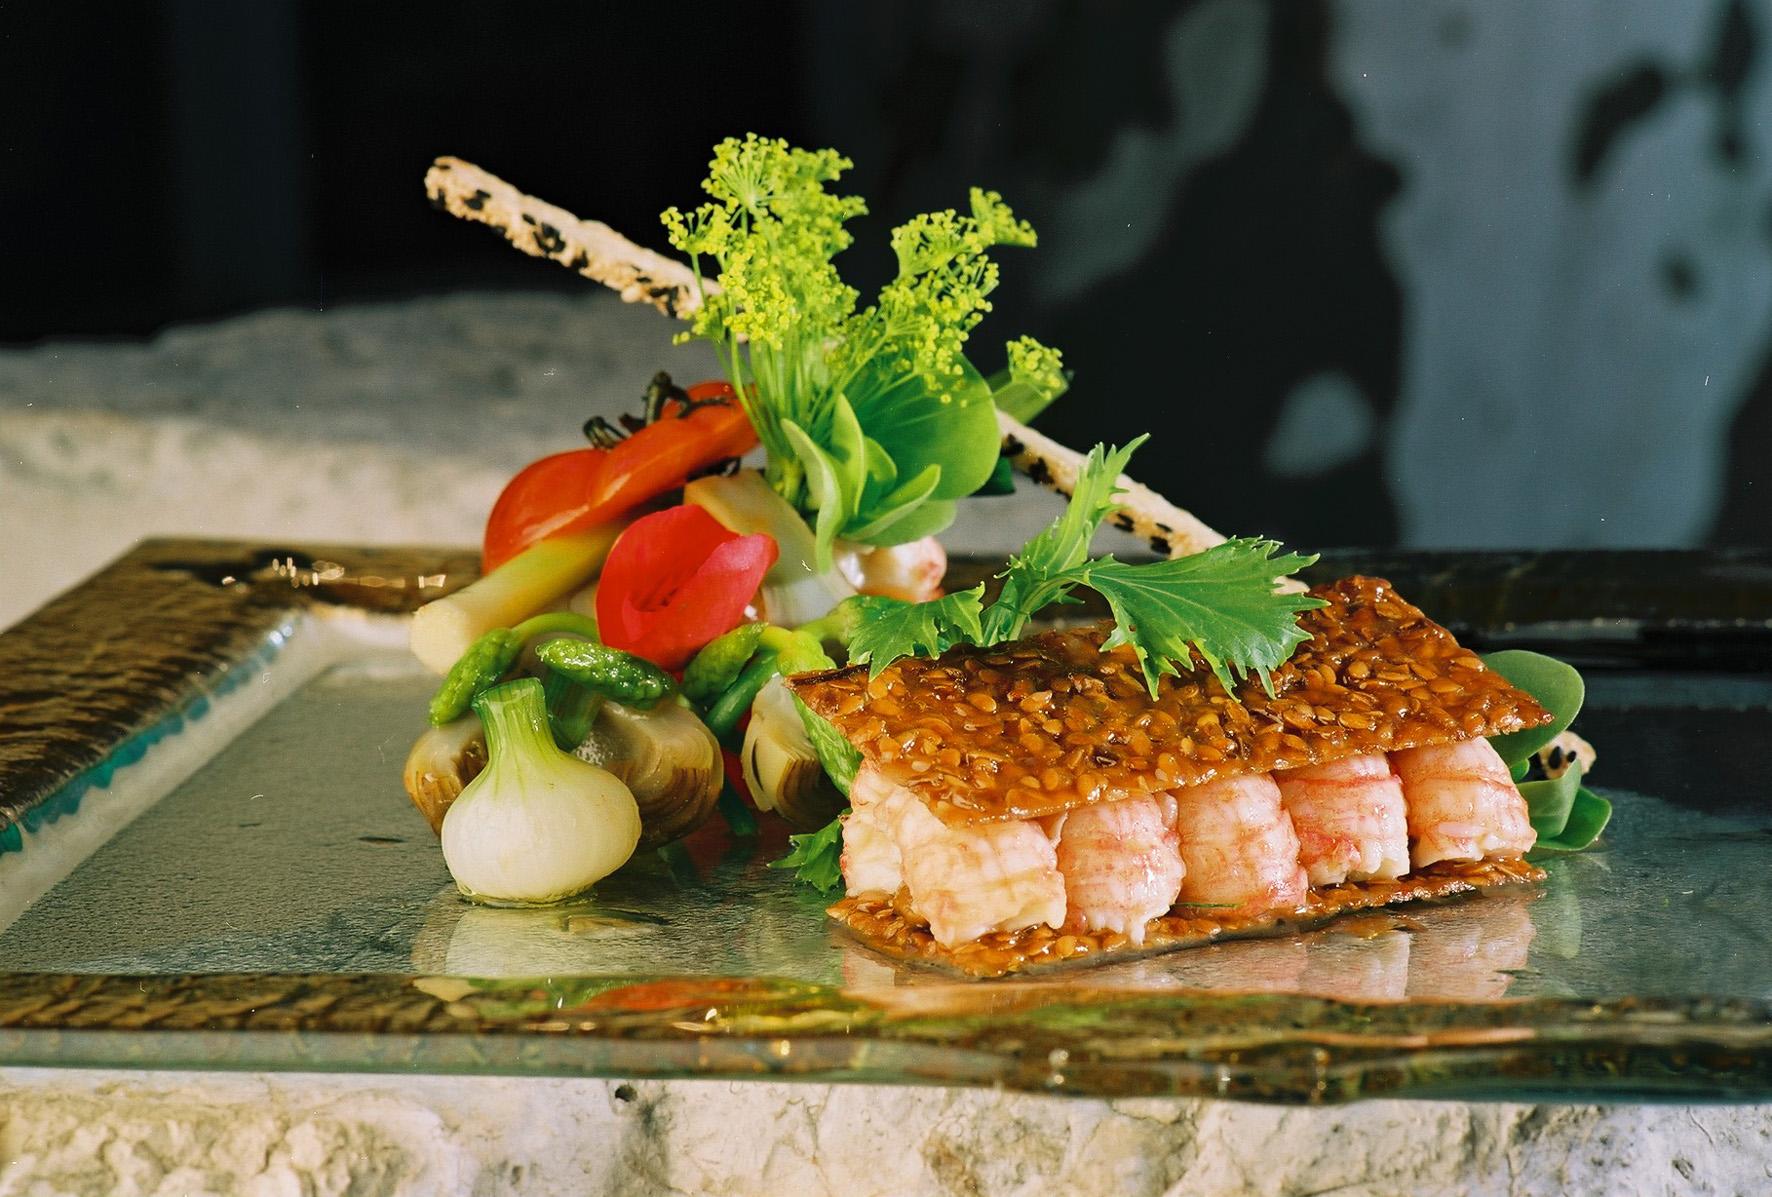 Báo Anh bình chọn Hà Nội là thành phố có ẩm thực hấp dẫn nhất thế giới! - Ảnh 36.